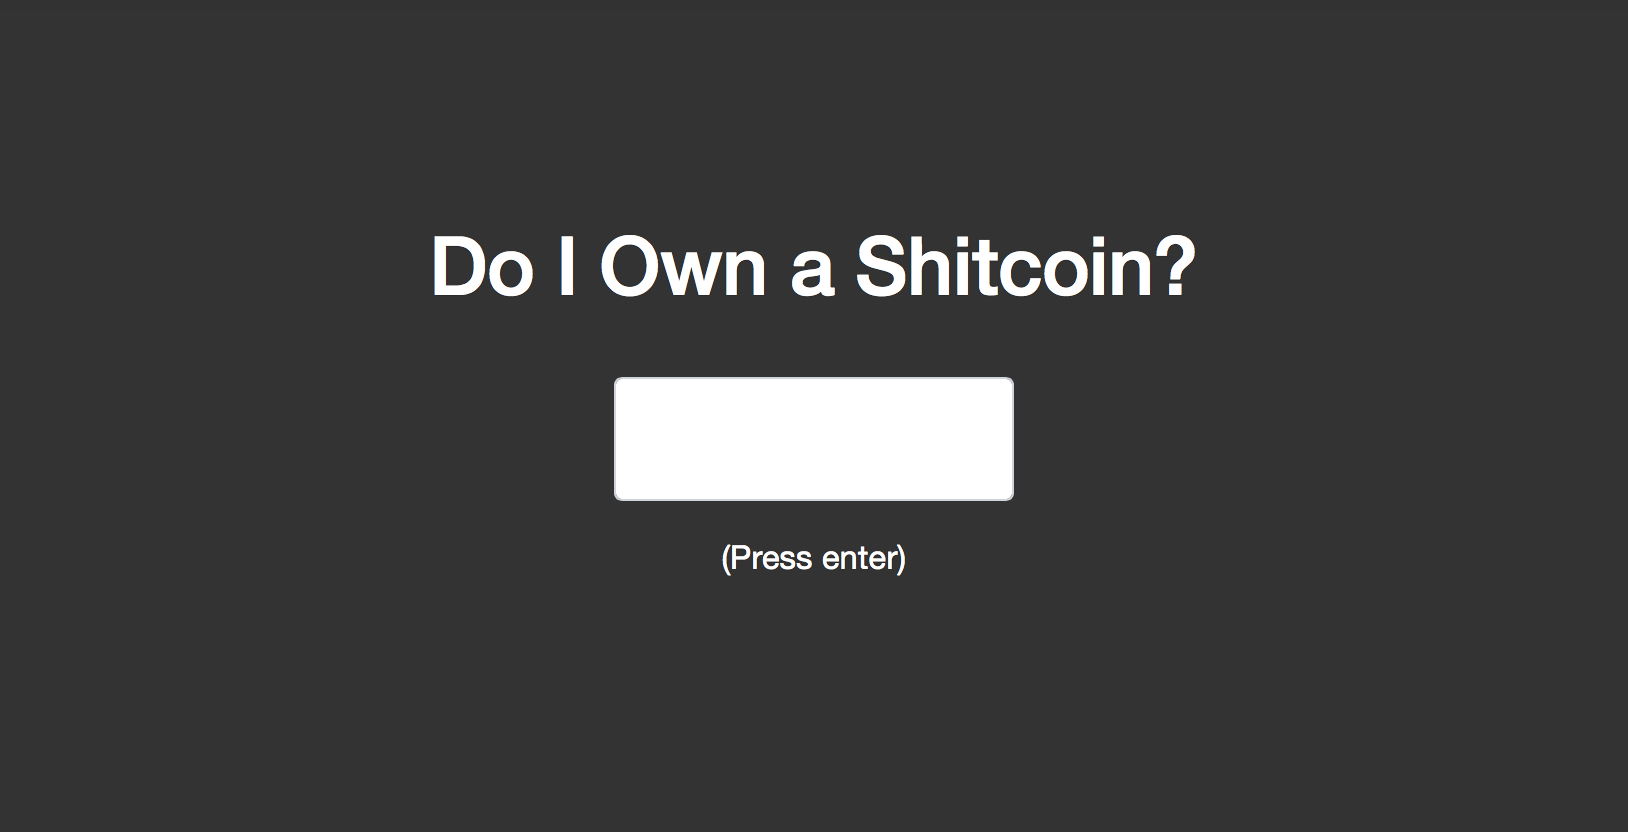 Do I Own a Shitcoin?